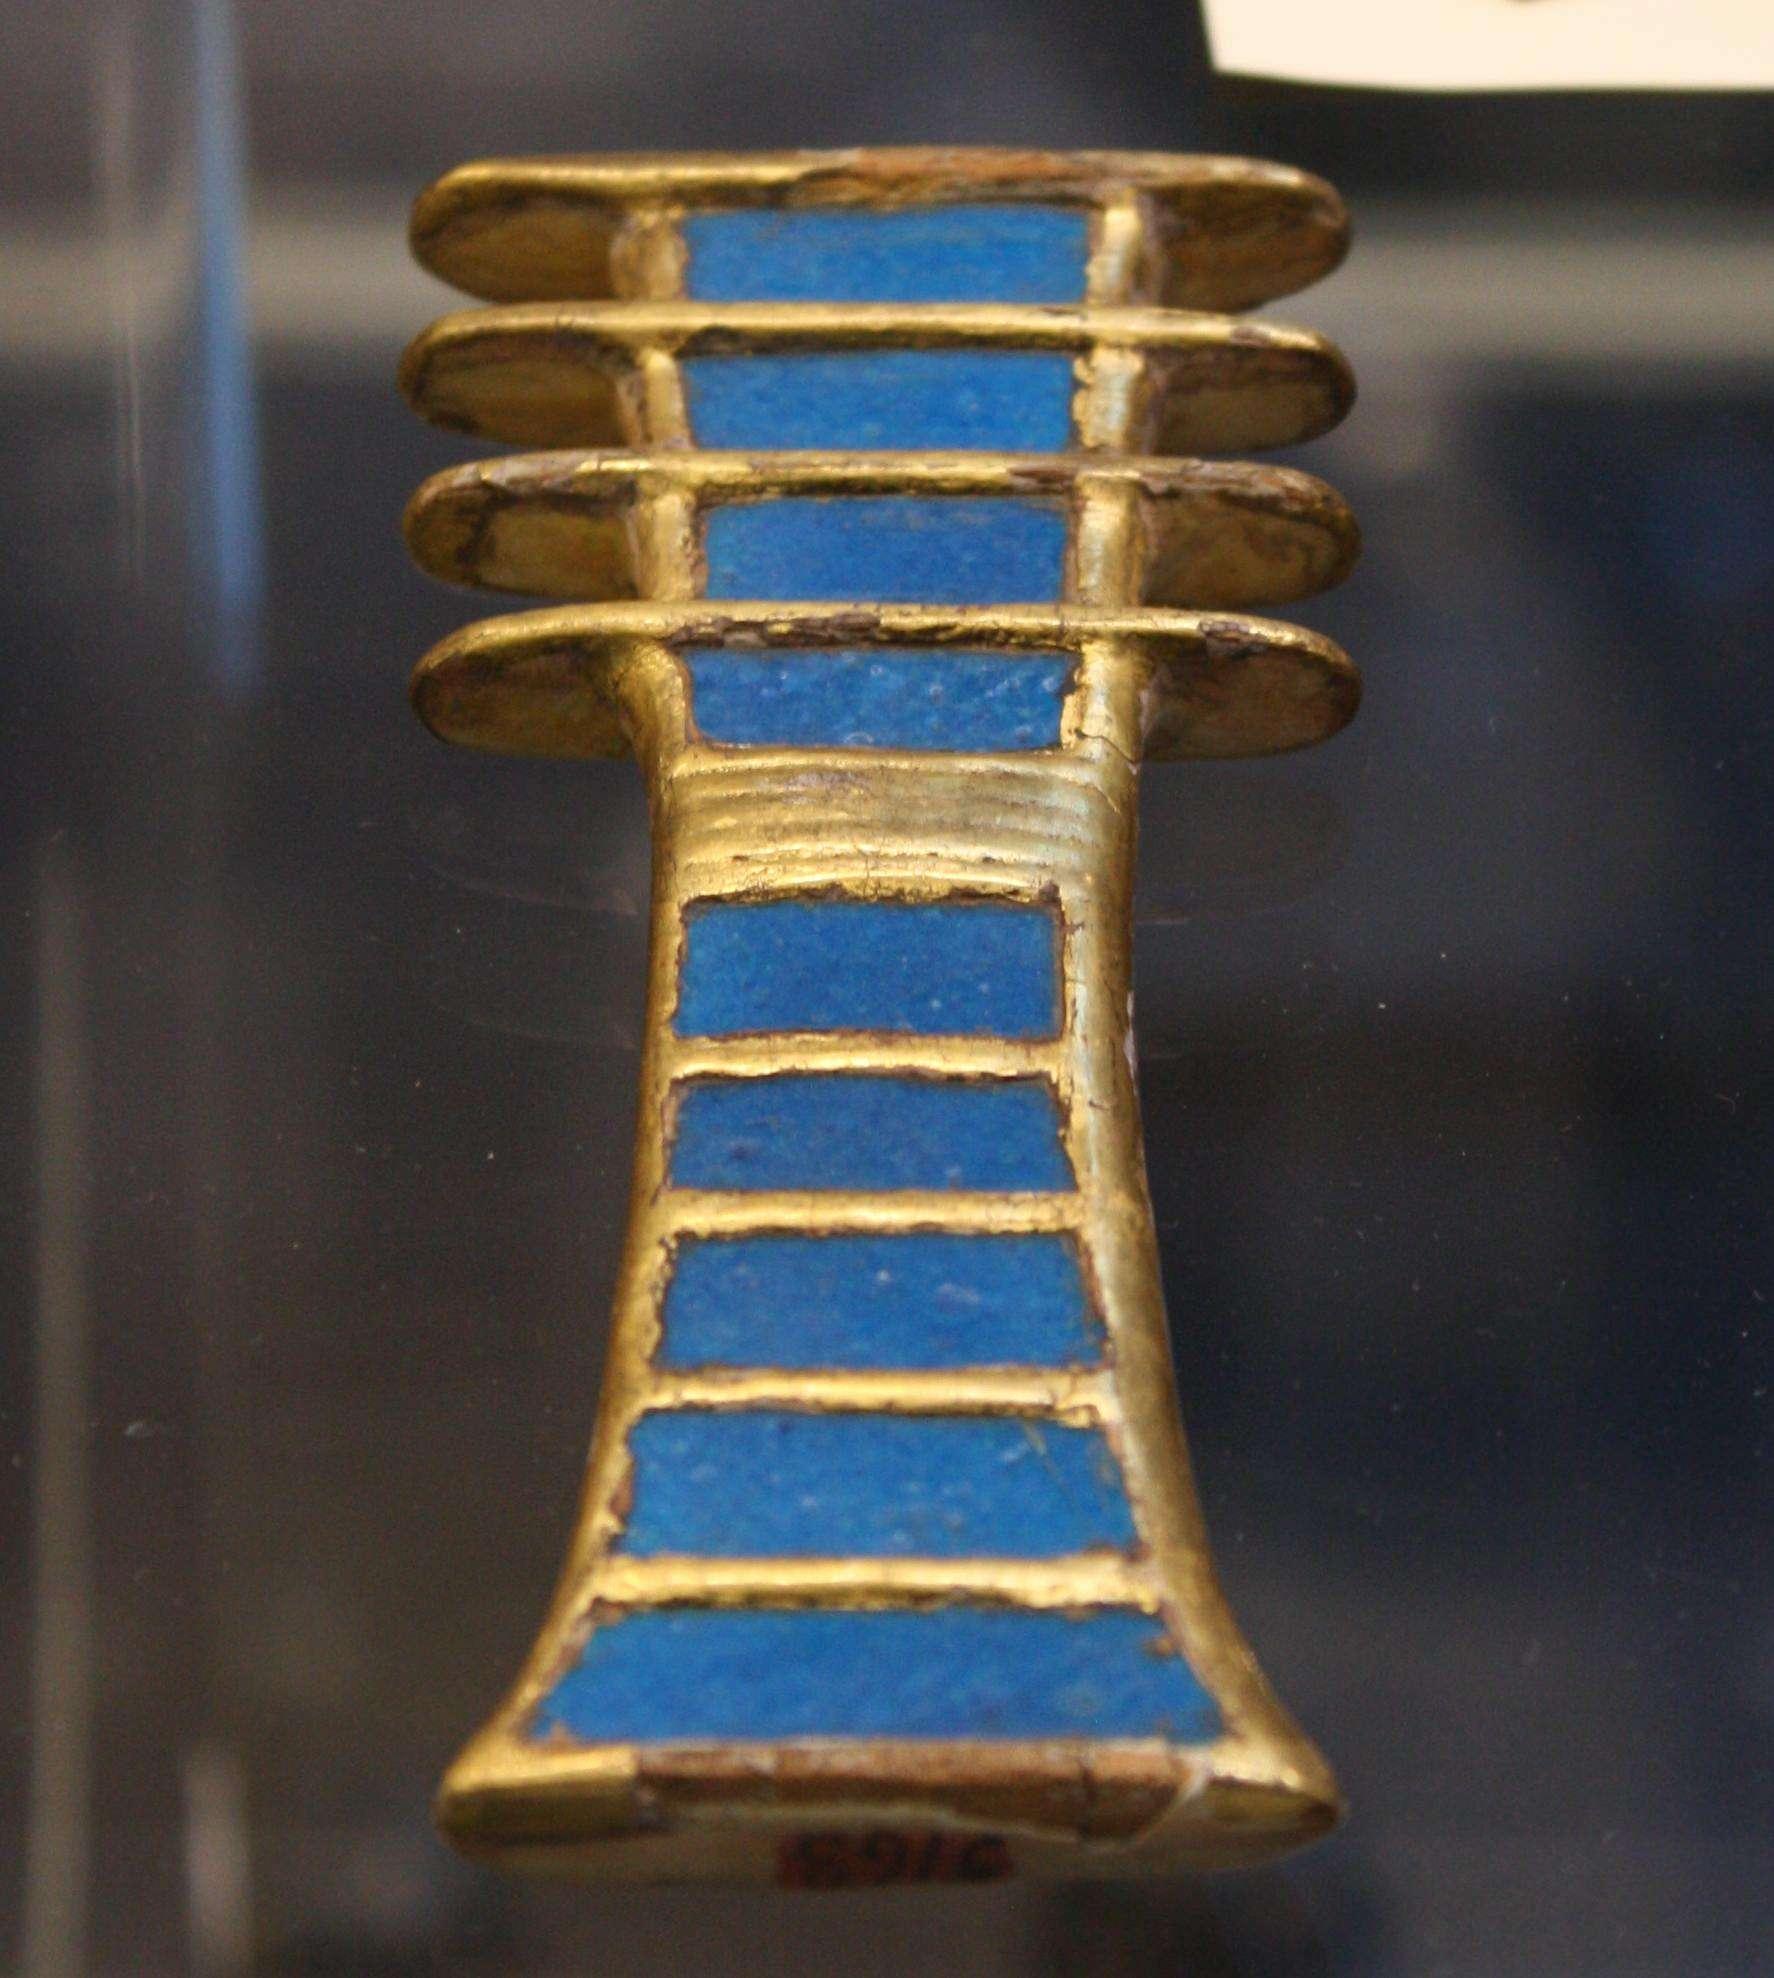 Ein vergoldetes Amulett aus Holz und Fayence (Symbol der Stabilität) aus dem Grab von Königin Nefertari. Dynasty XIX, 1279-1213 v. (Ägyptisches Museum, Turin)